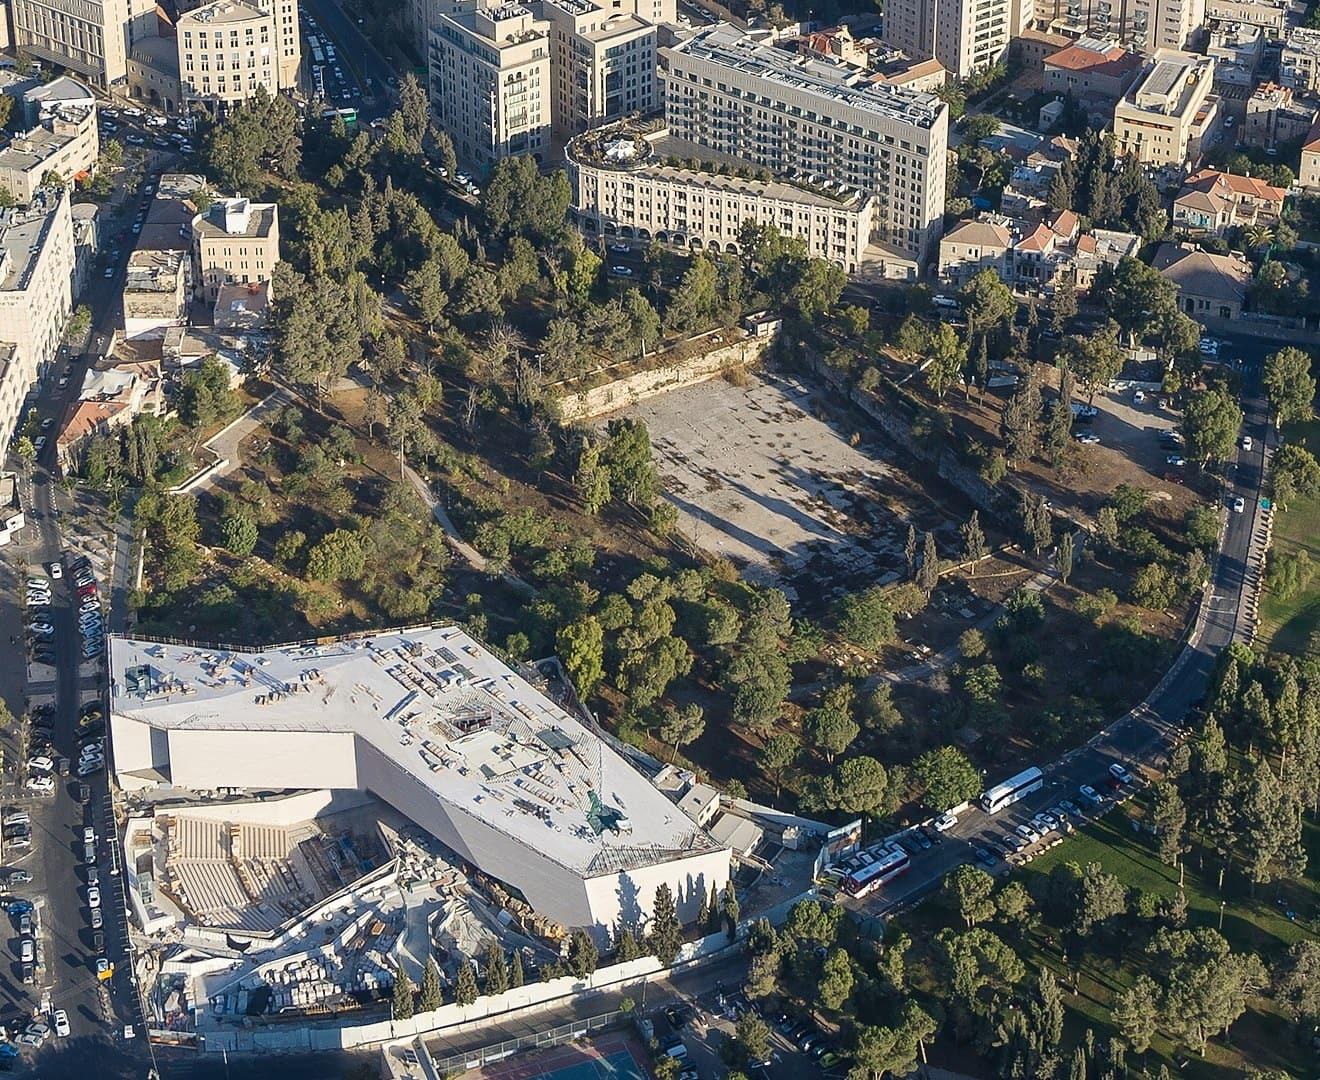 מבט-על על המוזאון לסובלנות בממילא, ירושלים (צילום: Dchaseb, CC BY-SA 4.0, Wikimedia Commons)